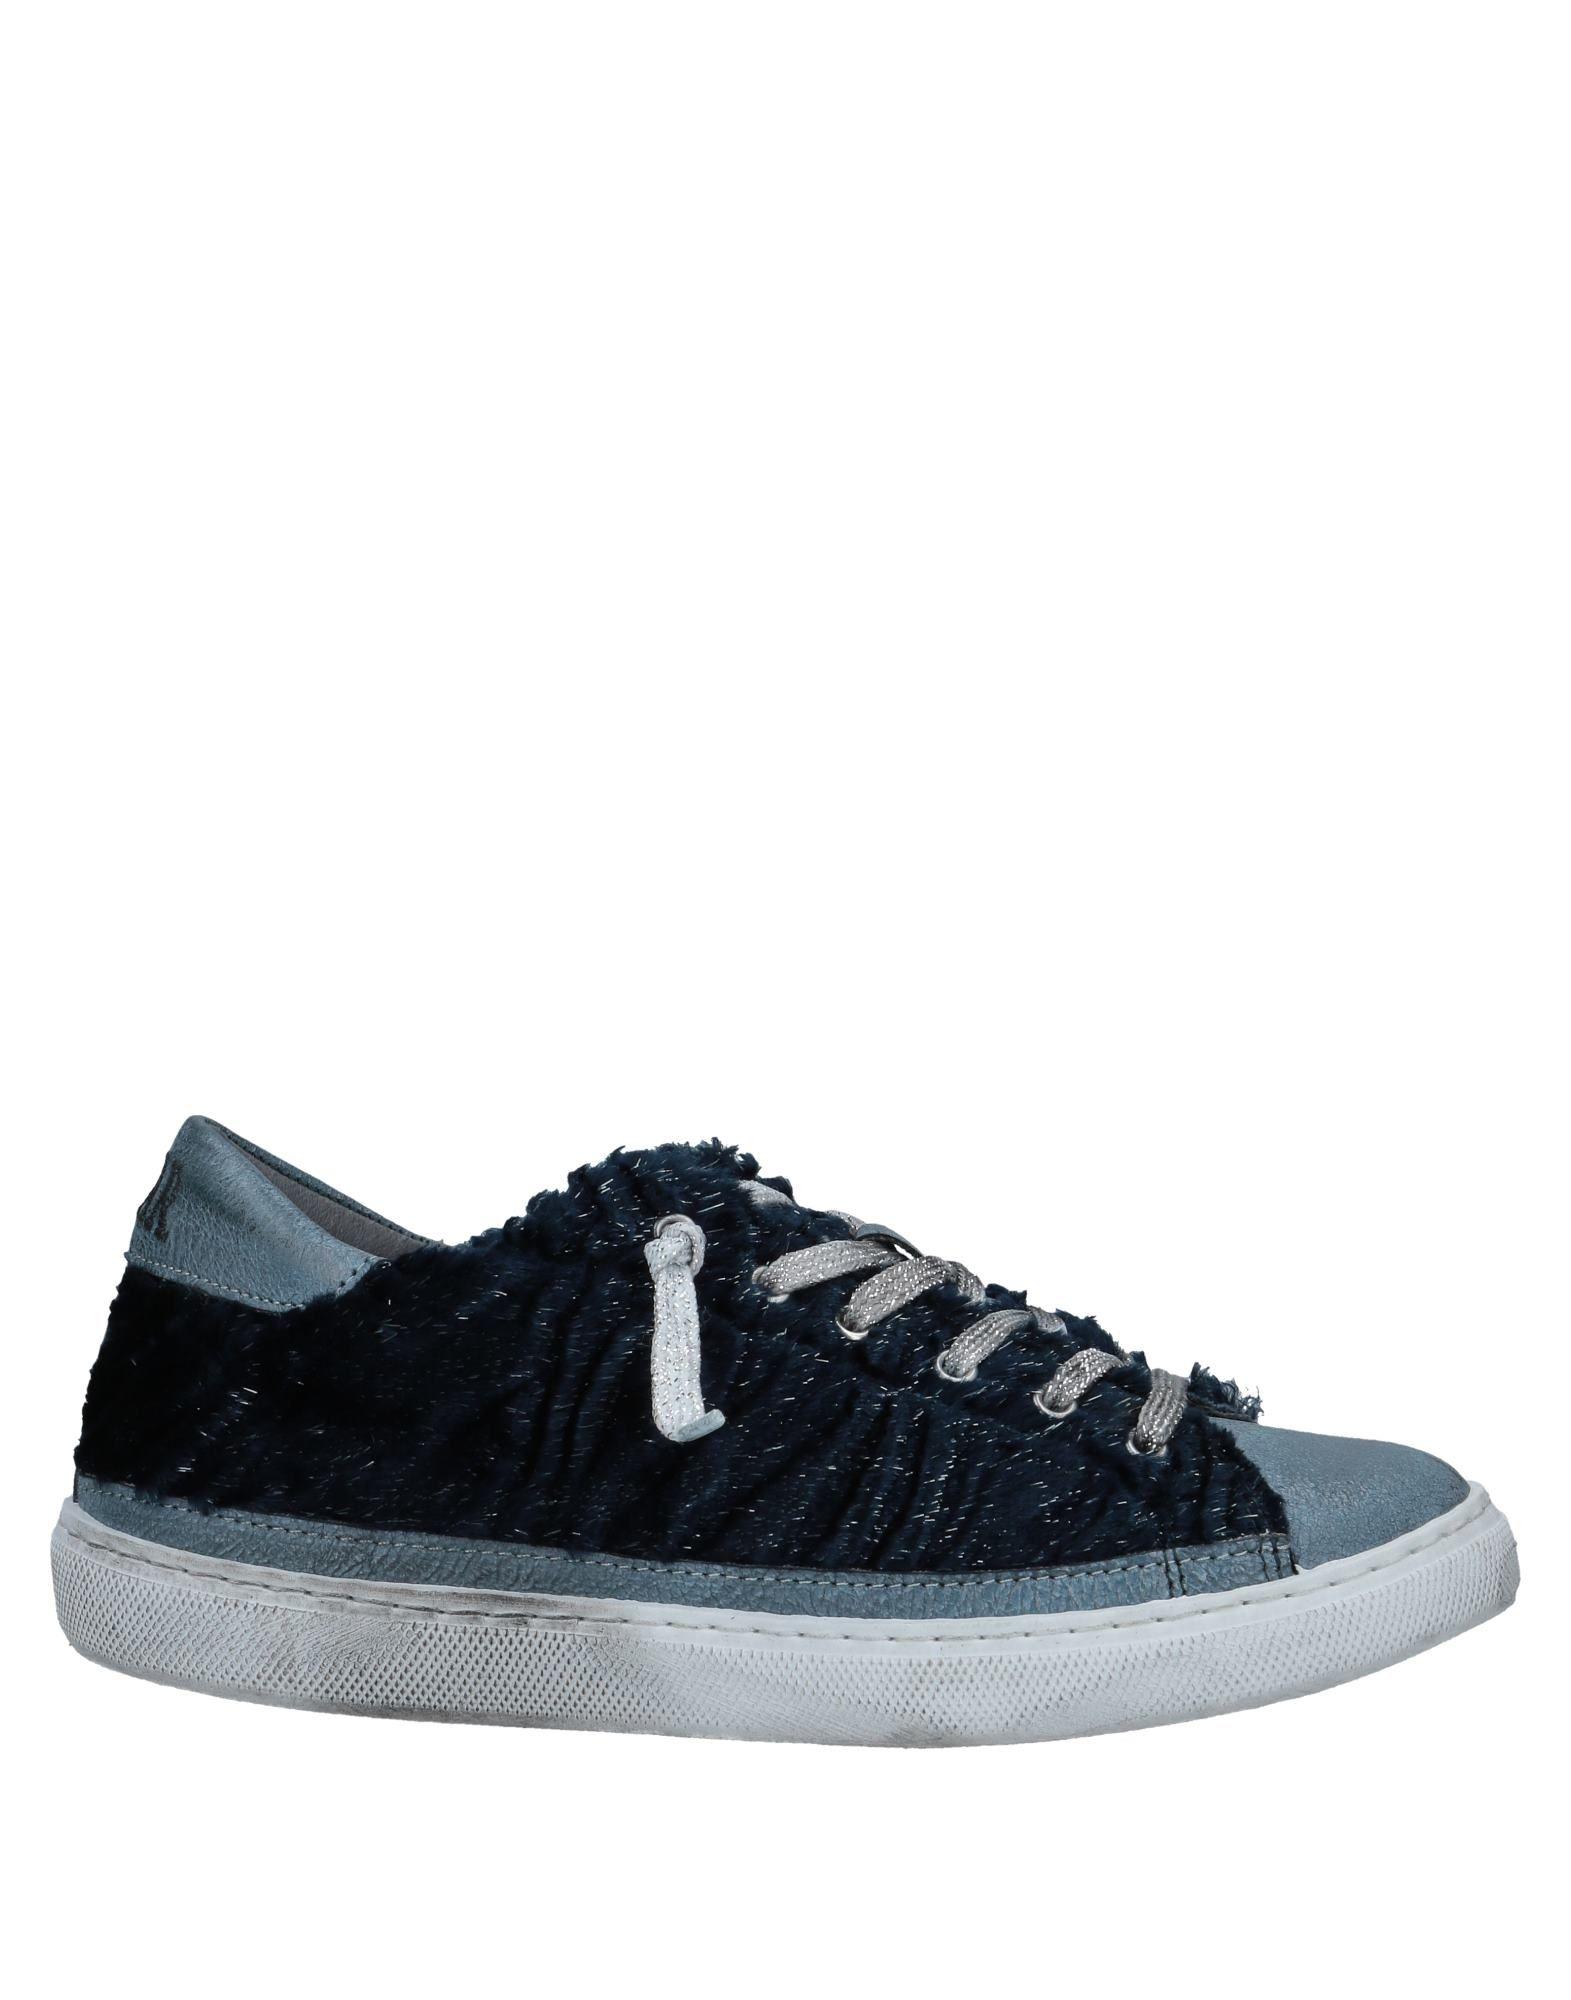 2Star Sneakers Damen  11548897MH Gute Qualität beliebte Schuhe Schuhe Schuhe d52301